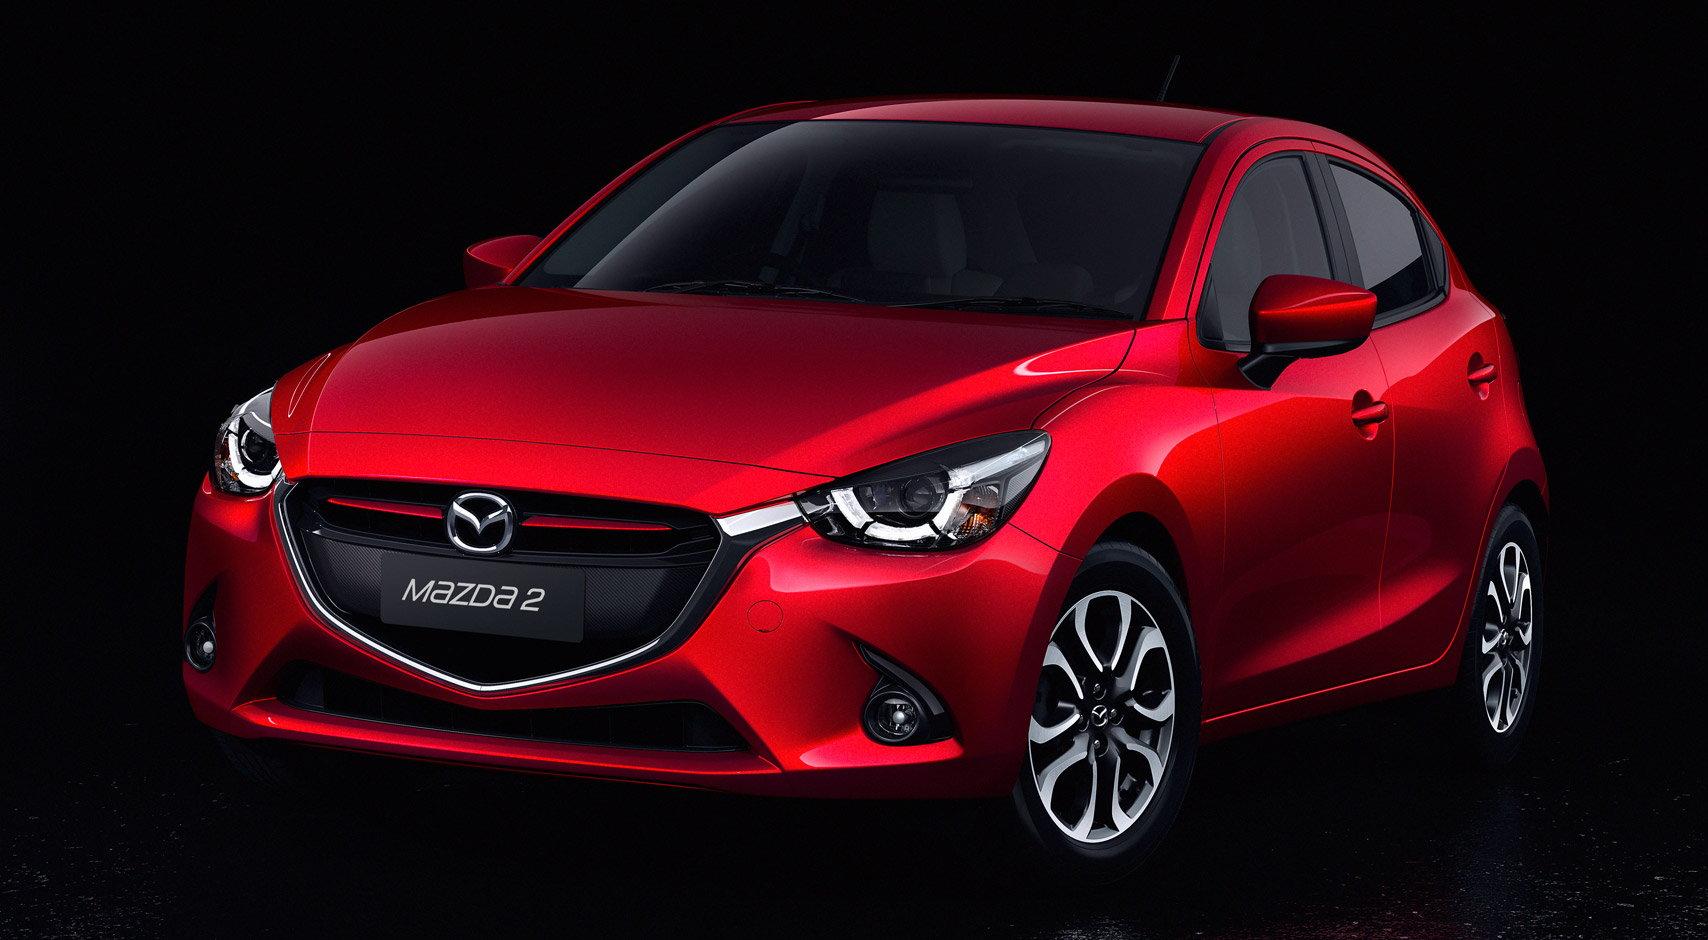 Mazda Mazda2 Front Quarter